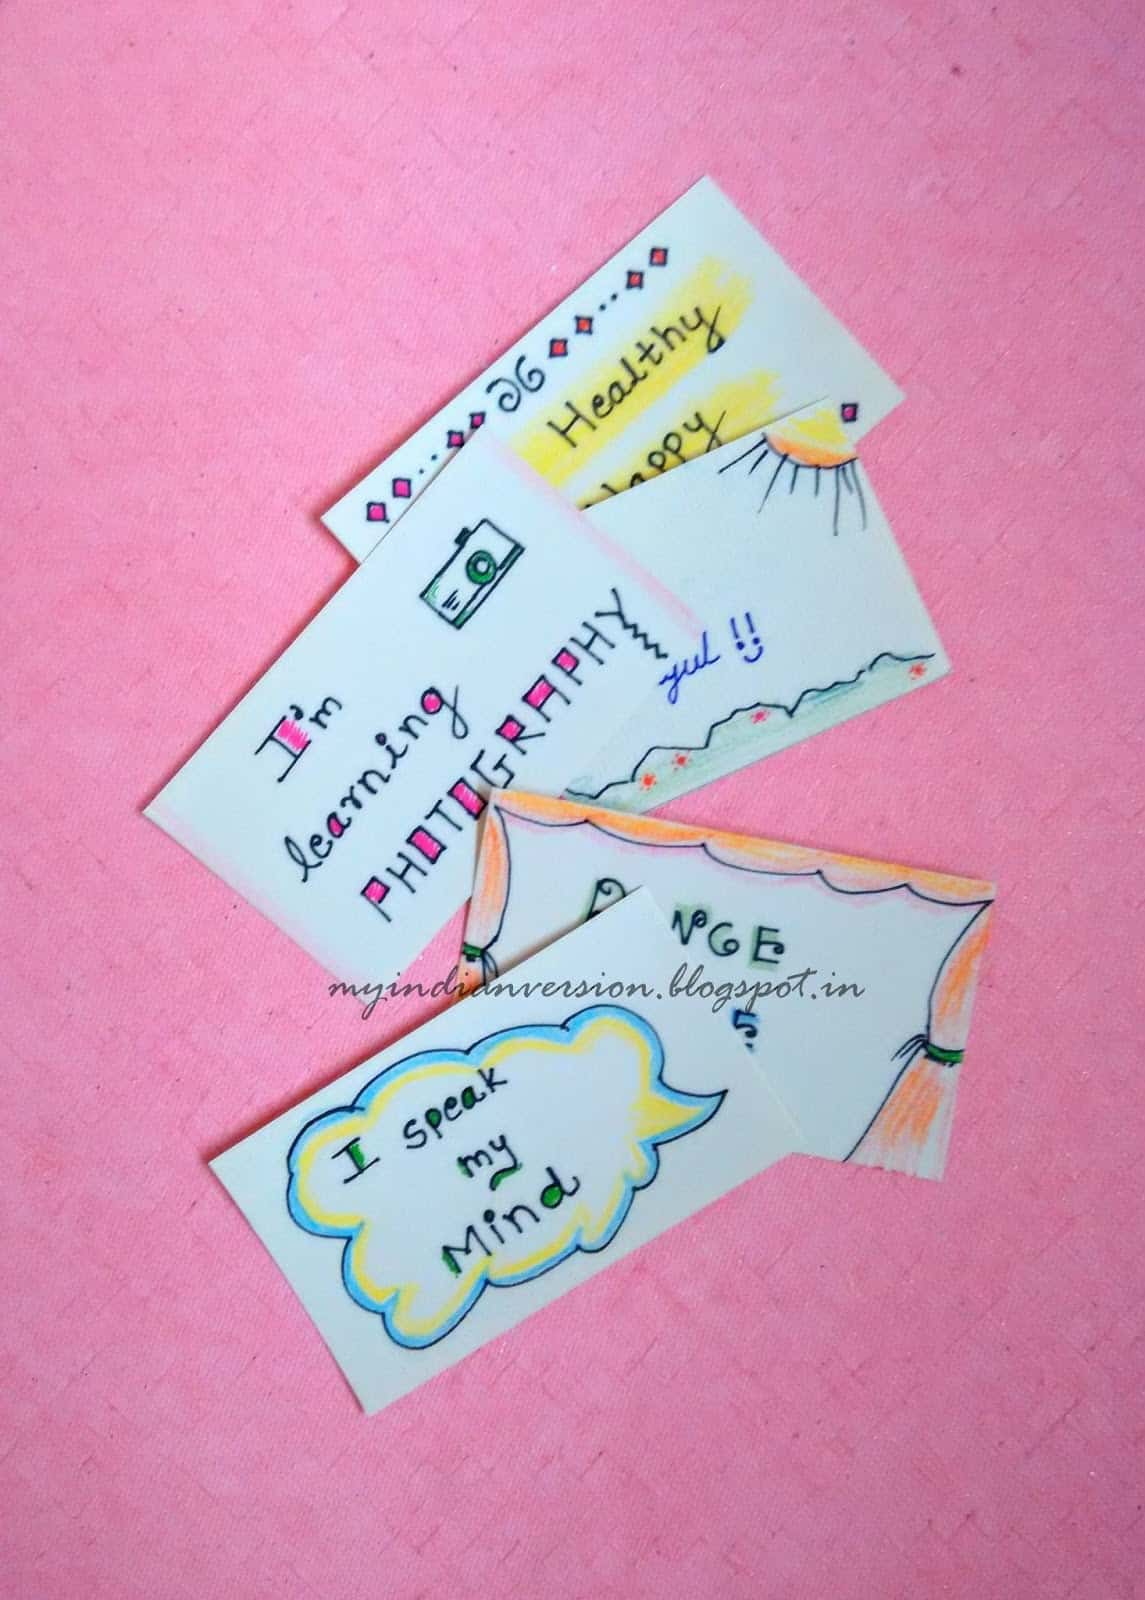 Flashy goal cards